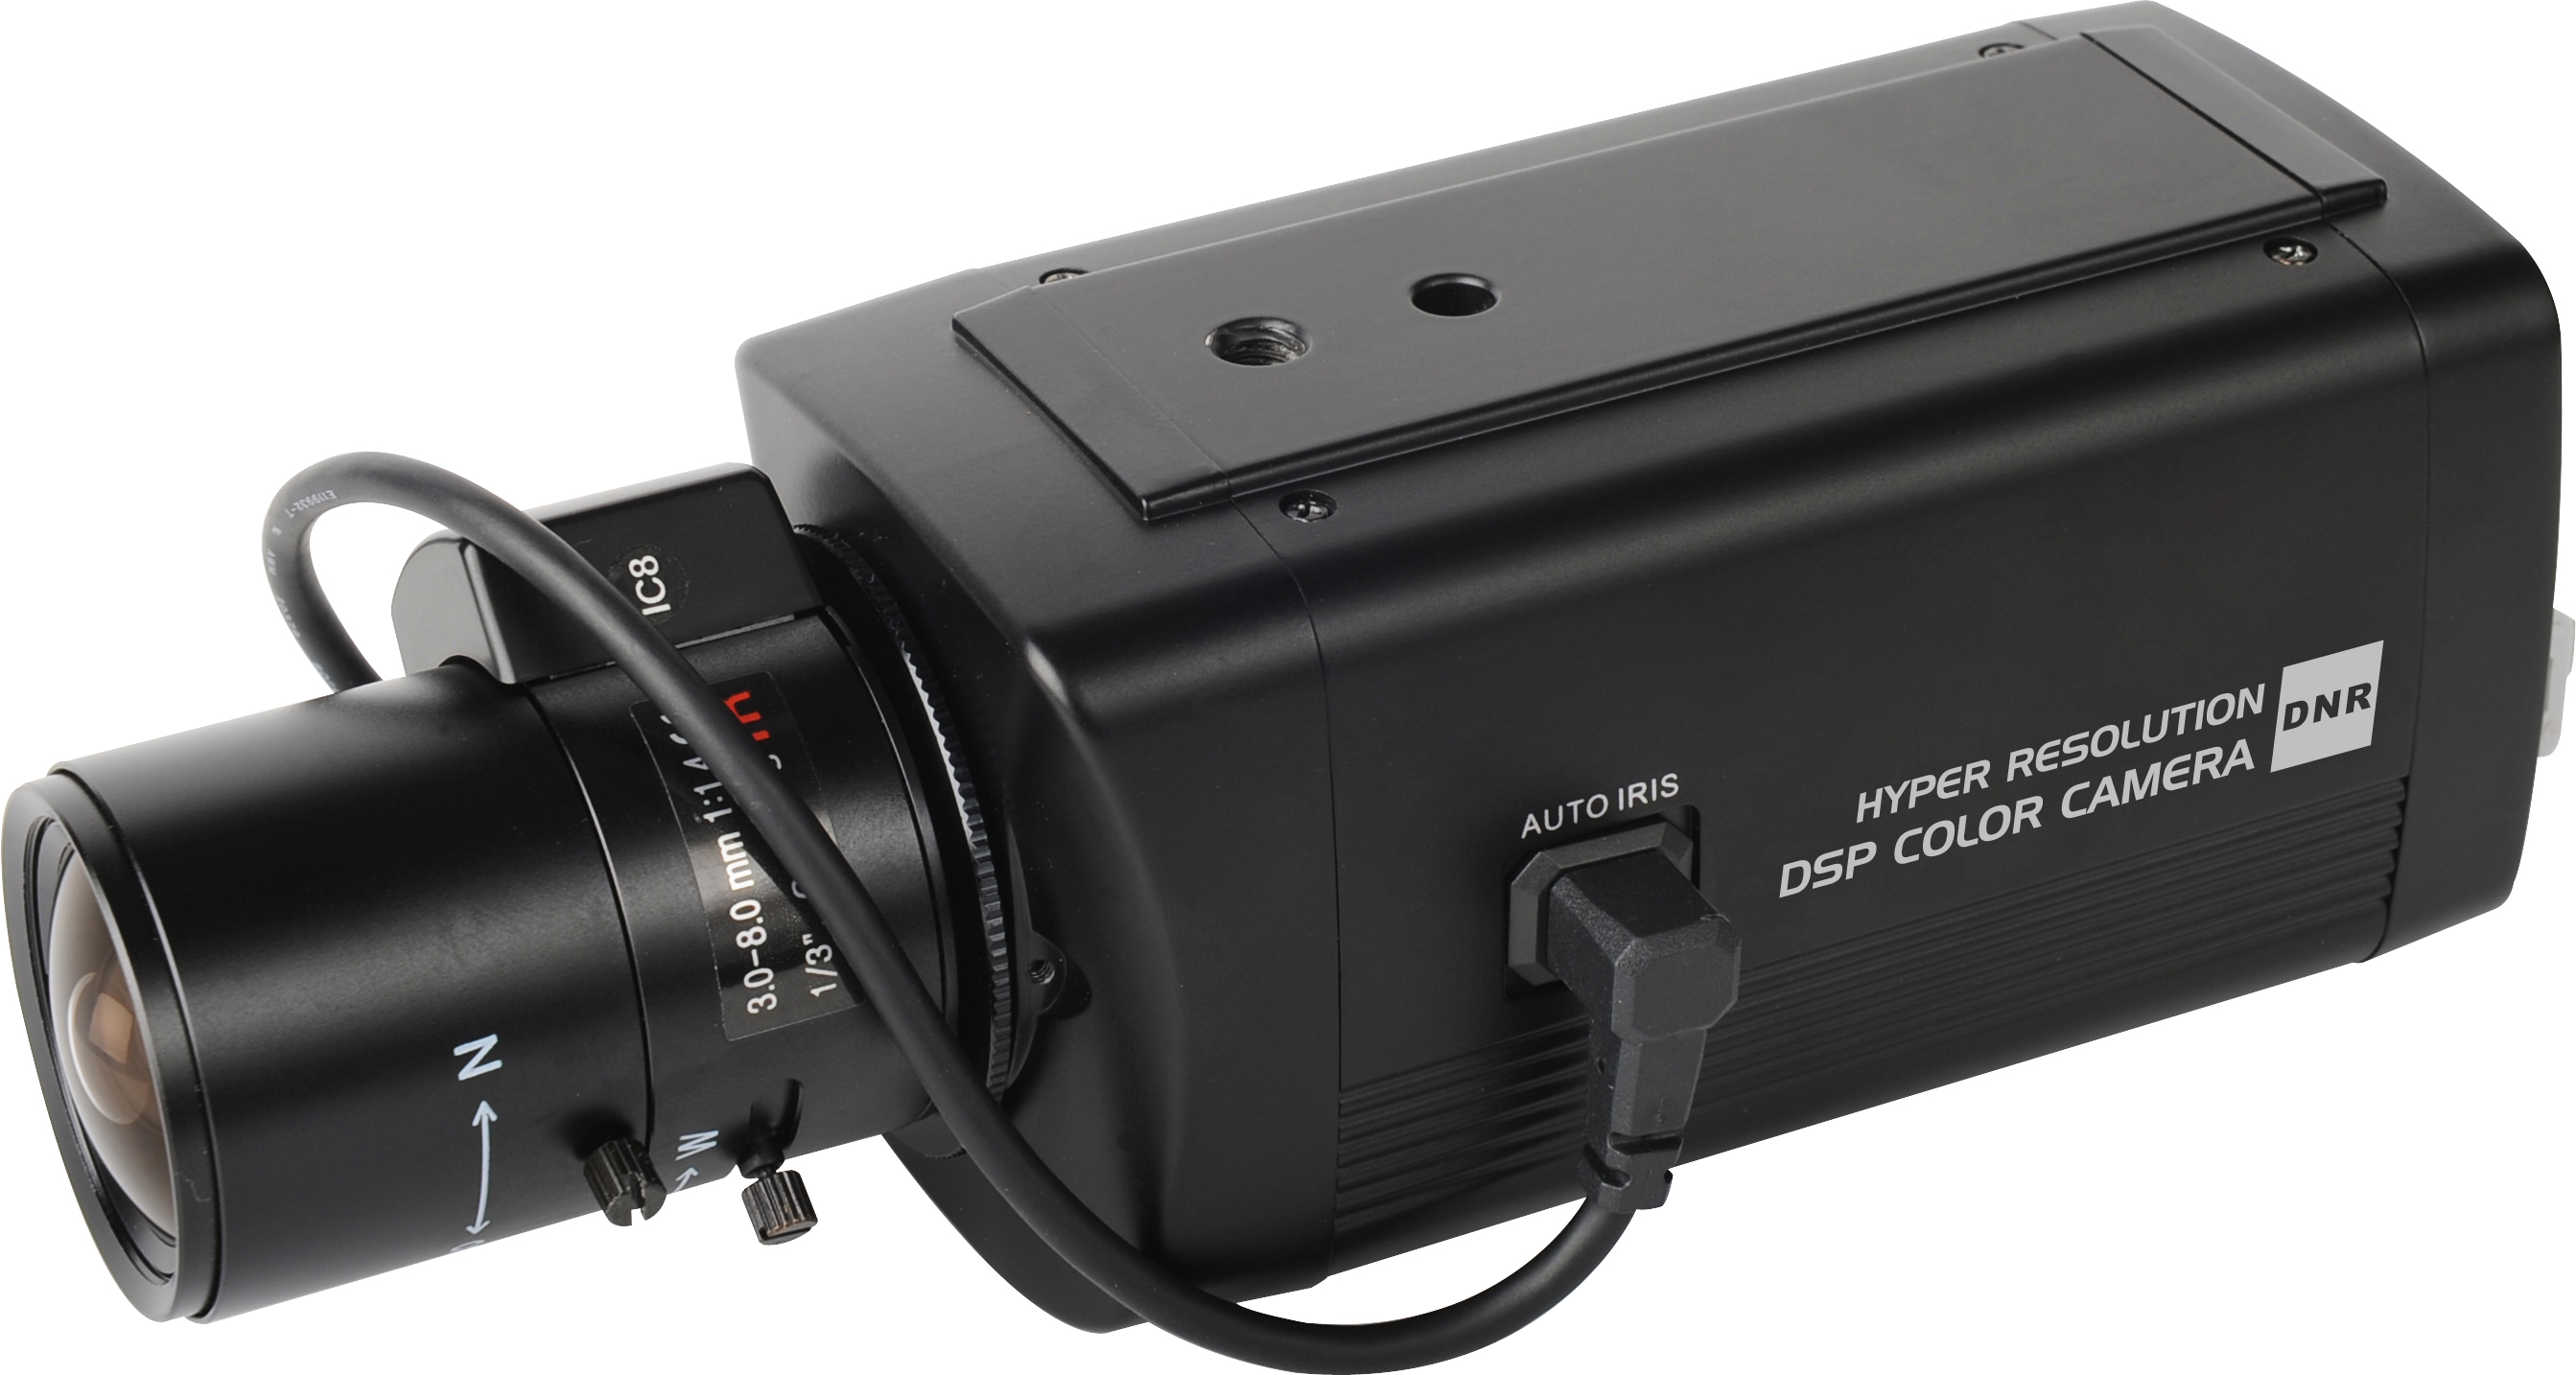 Analogue Cameras